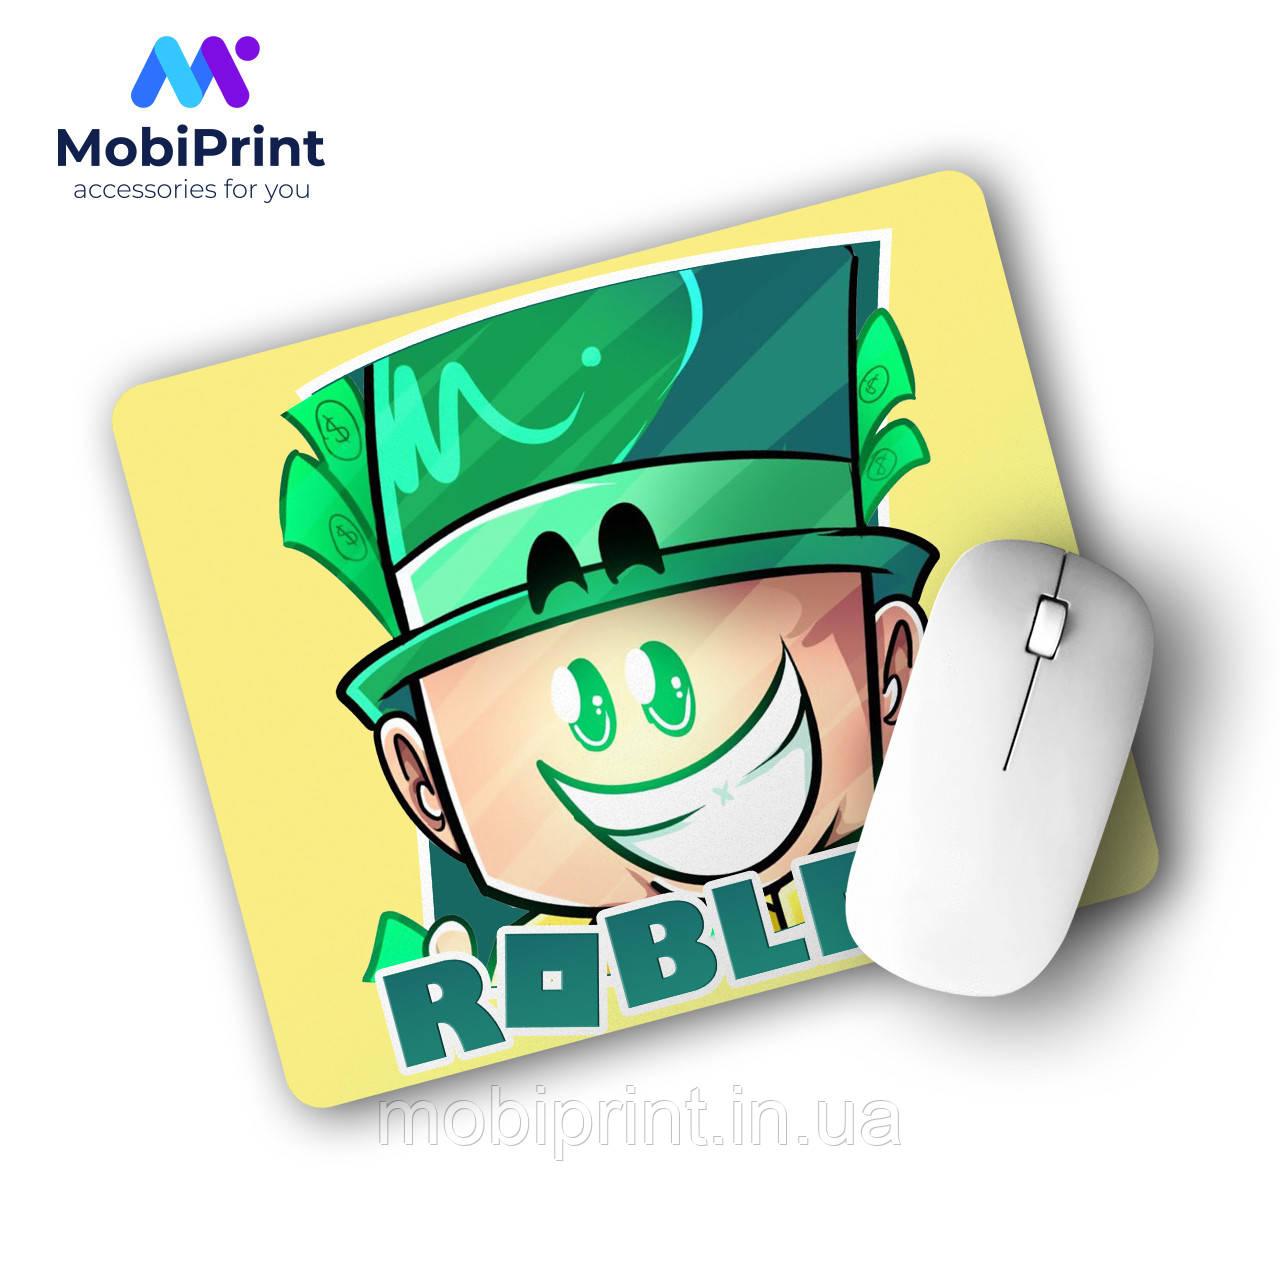 Коврик для мышки Роблокс (Roblox) (25108-1226)